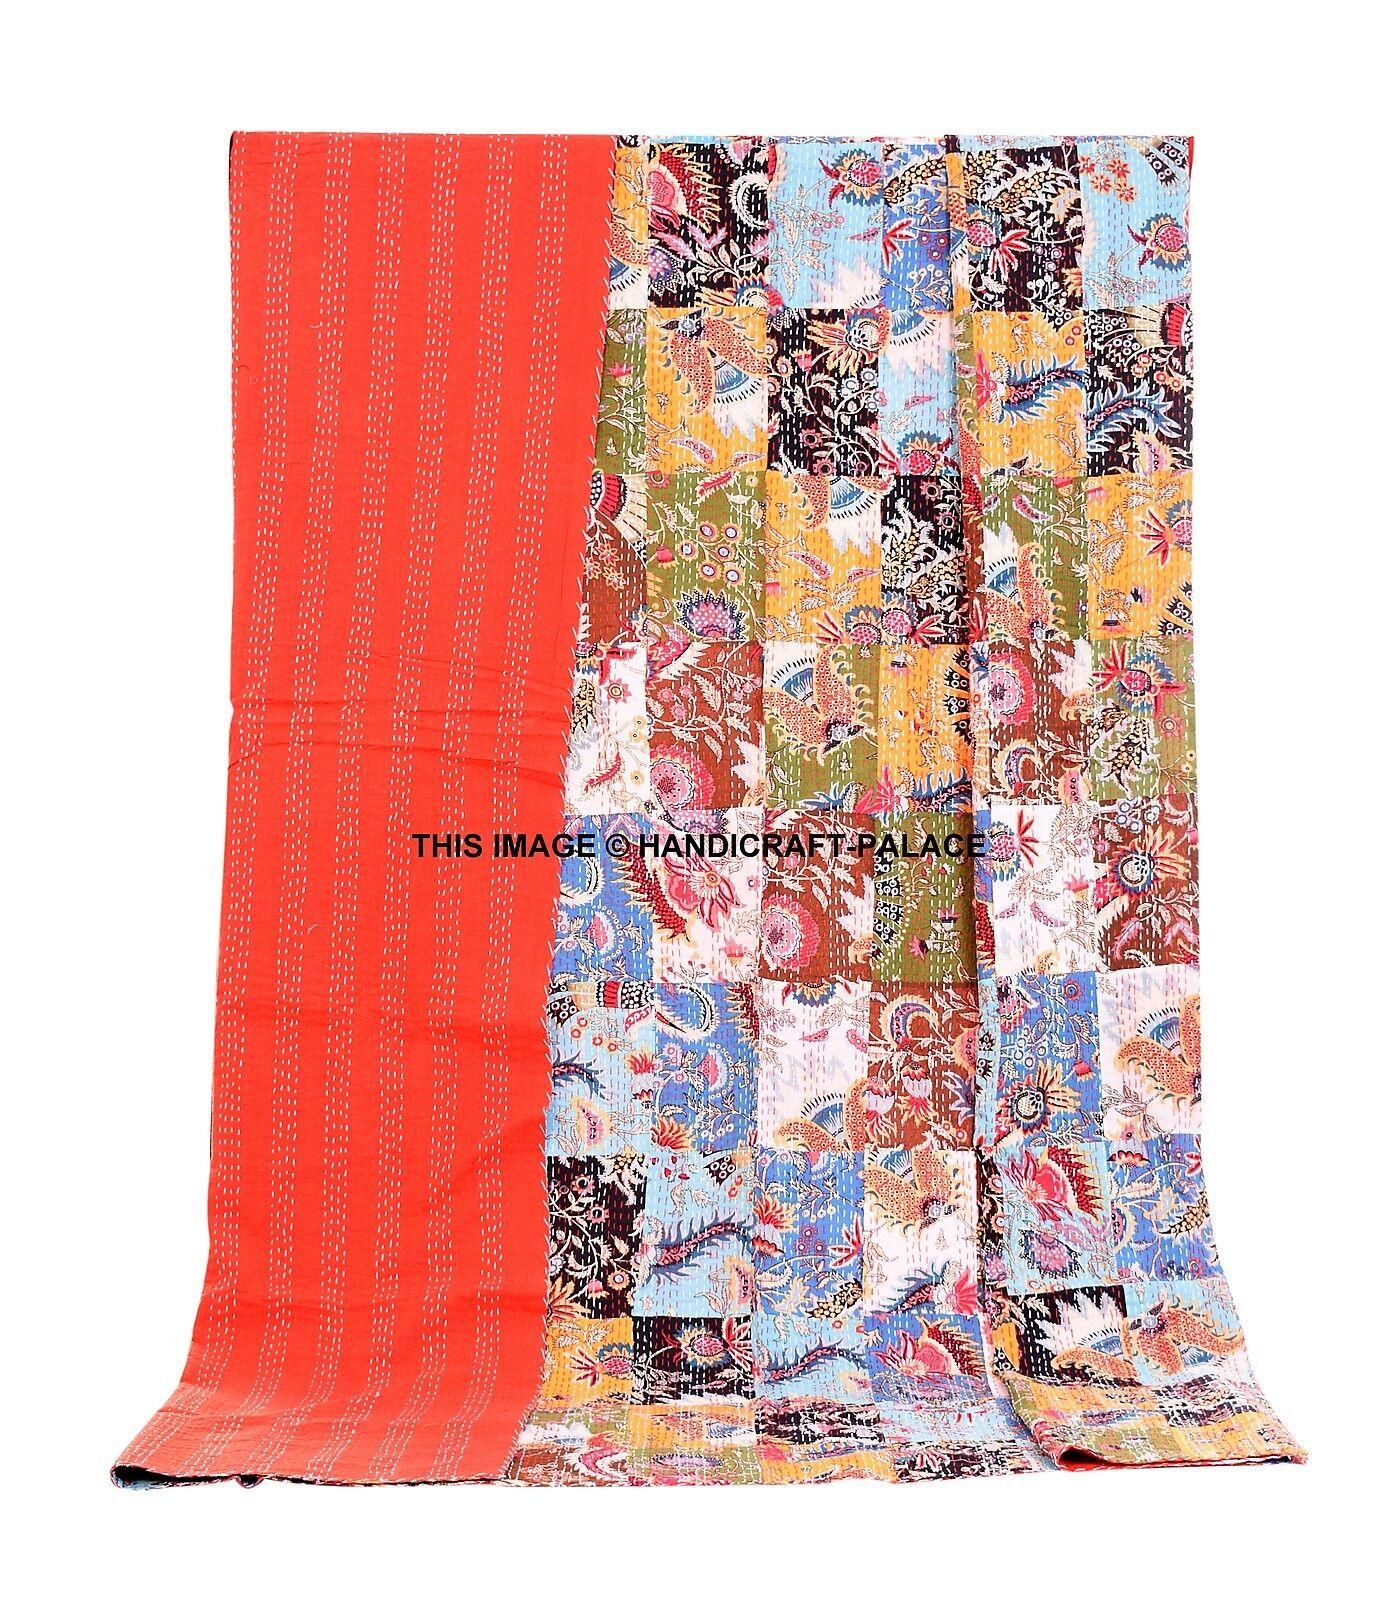 Indian Patchwork Vintage Queen Kantha Bedspread Throw Blanket Cotton Gudari